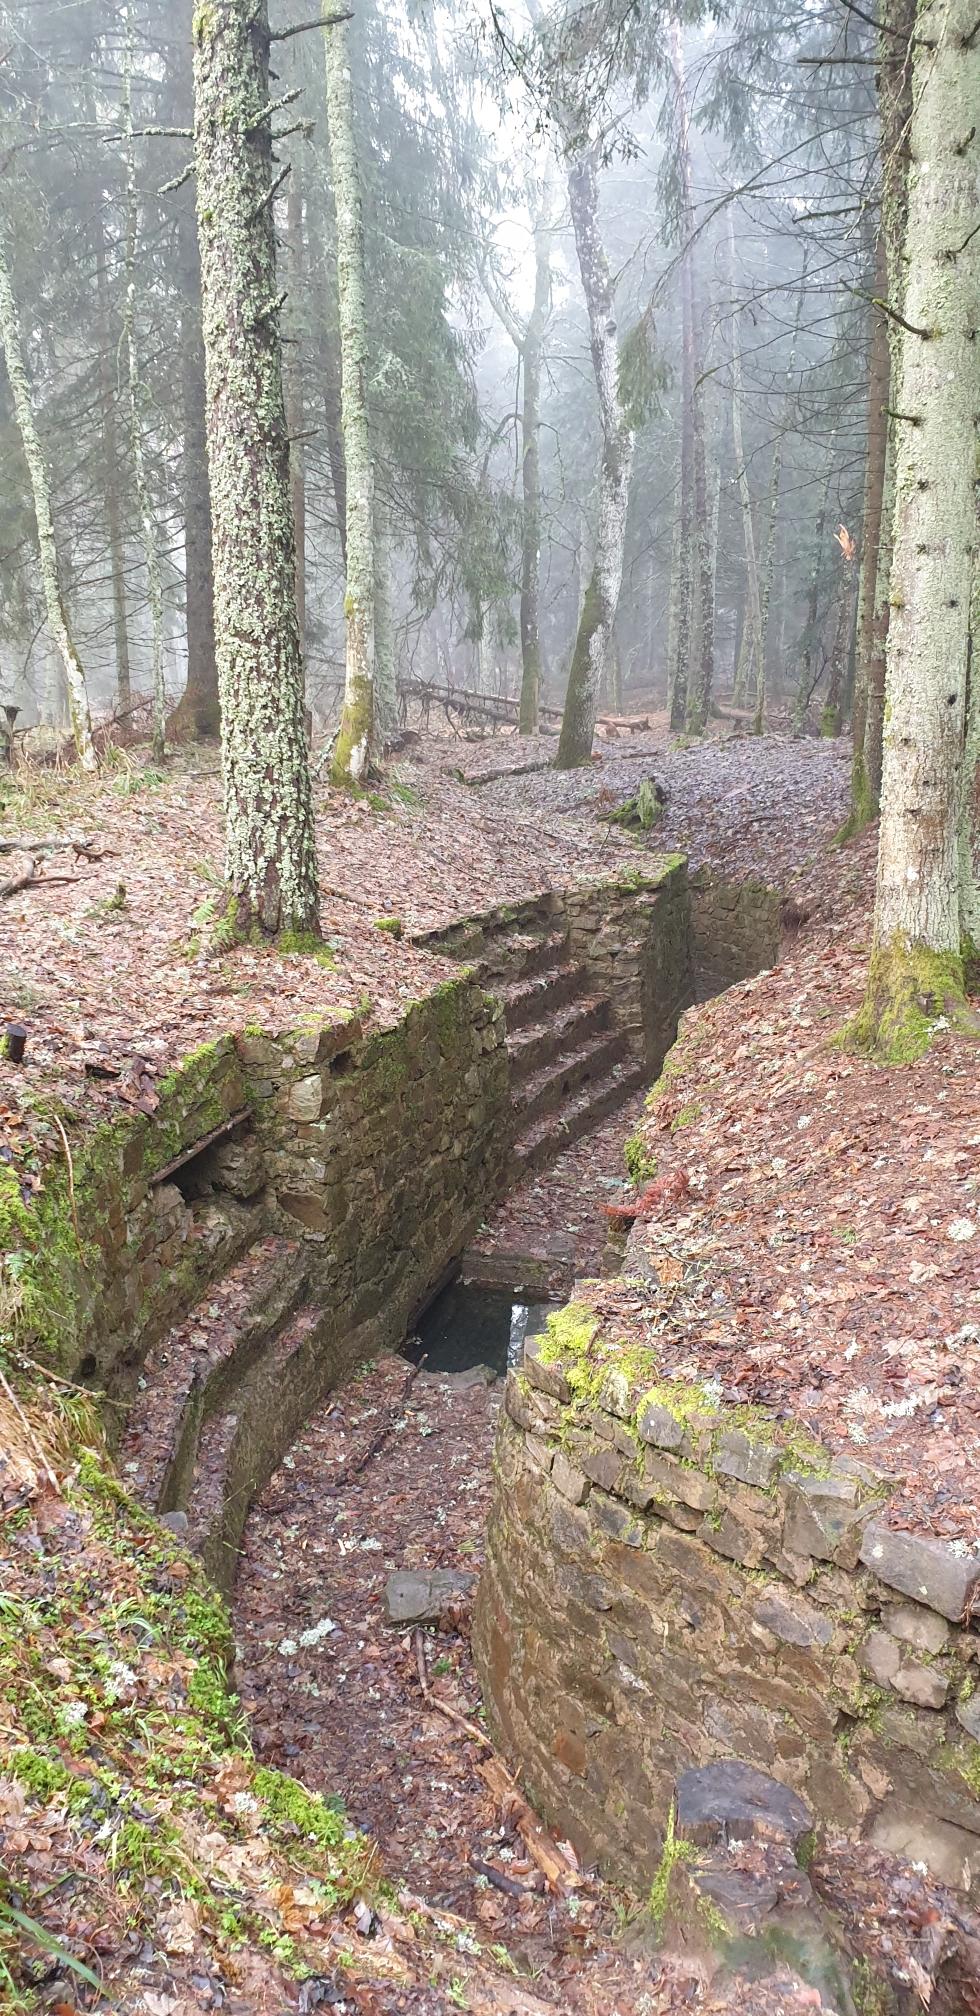 Unterirdische Anlagen, mit Wasser vollgelaufen